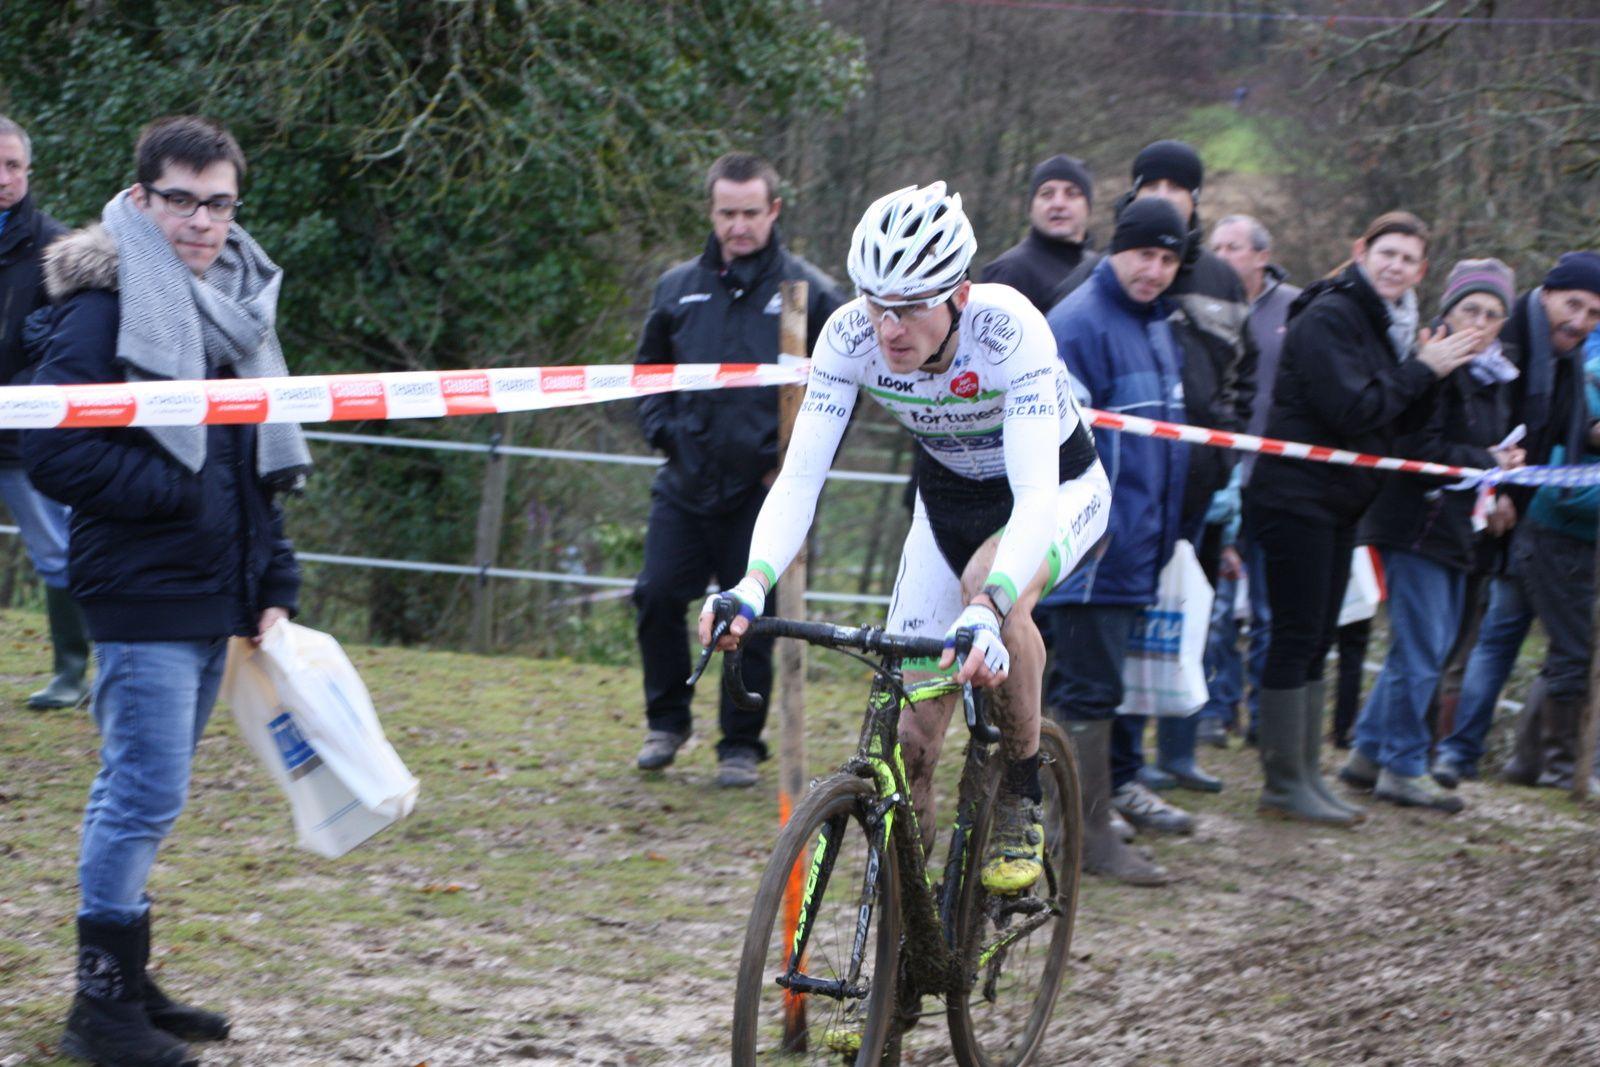 Le  champion  de  France  essaie  de  creuser  l'écart  avec  le  coureur  de  Fortunéo  alors  que  Thomas  BONNET  et  Lilian  CALMEJADE  sont  à  la  lutte  pour  la  3e  place